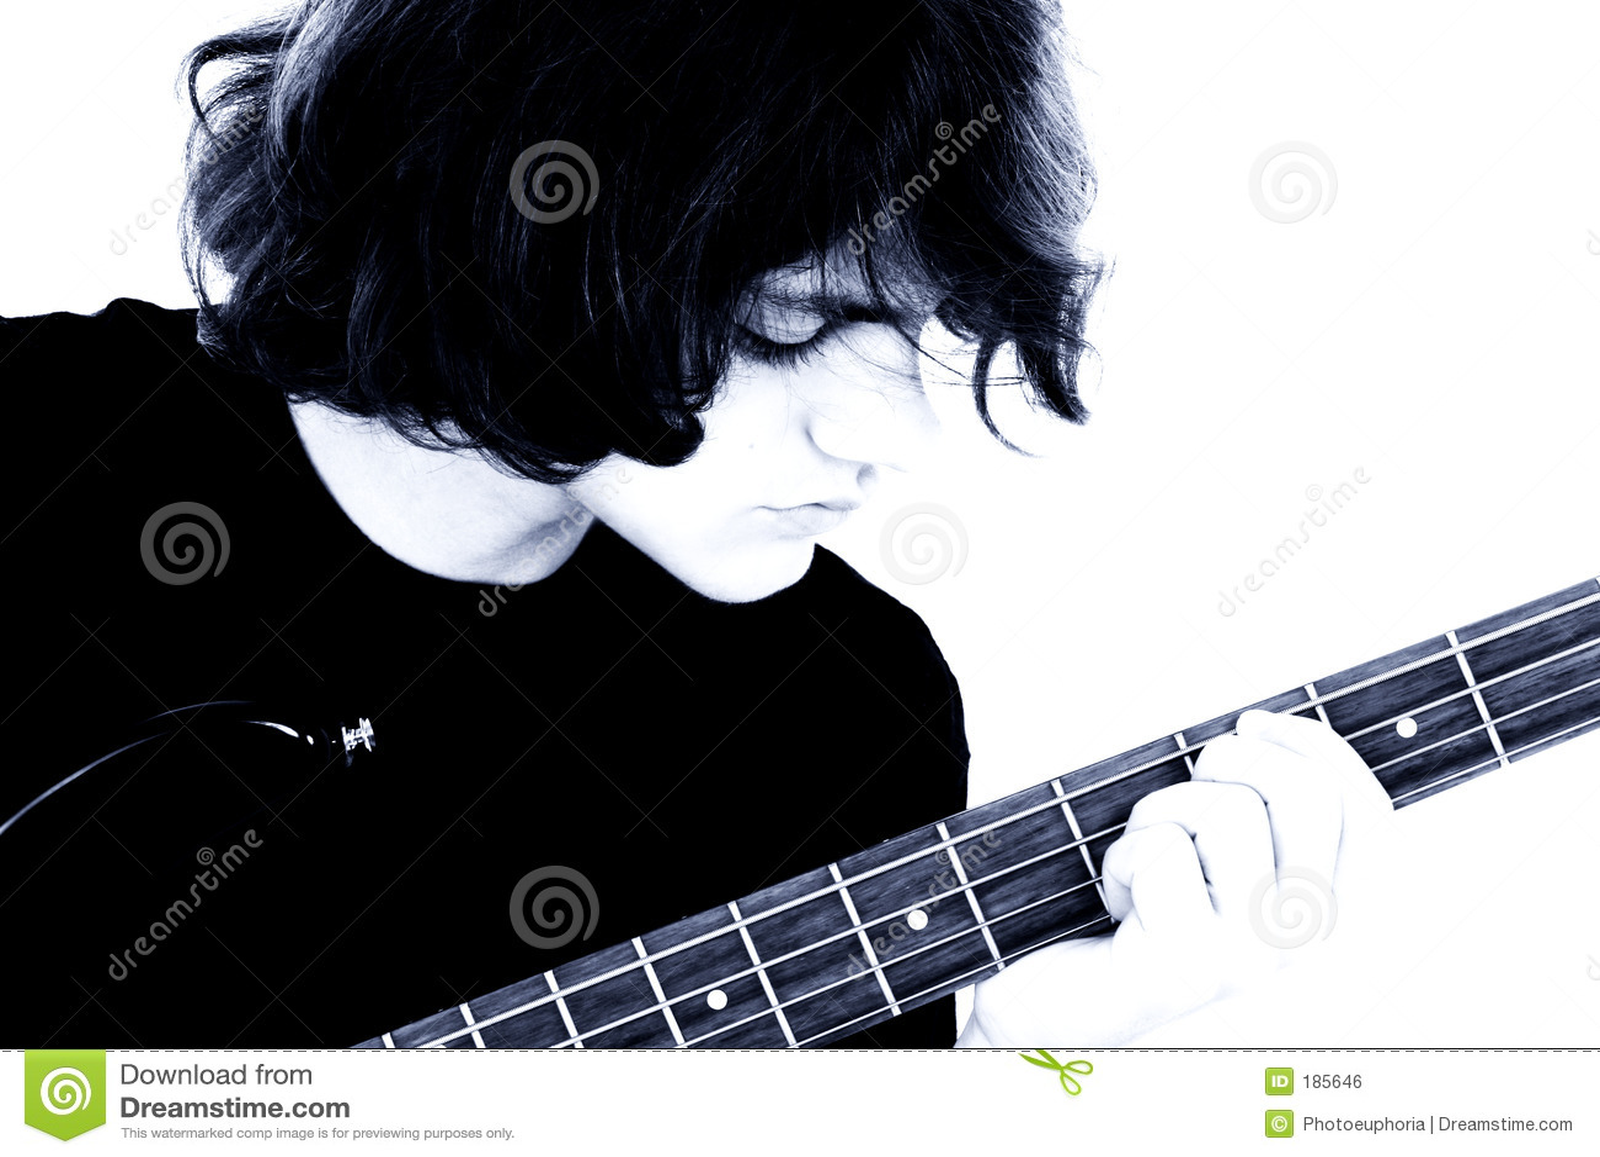 Fotographia di riserva: Giovane ragazzo teenager che gioca chitarra bassa